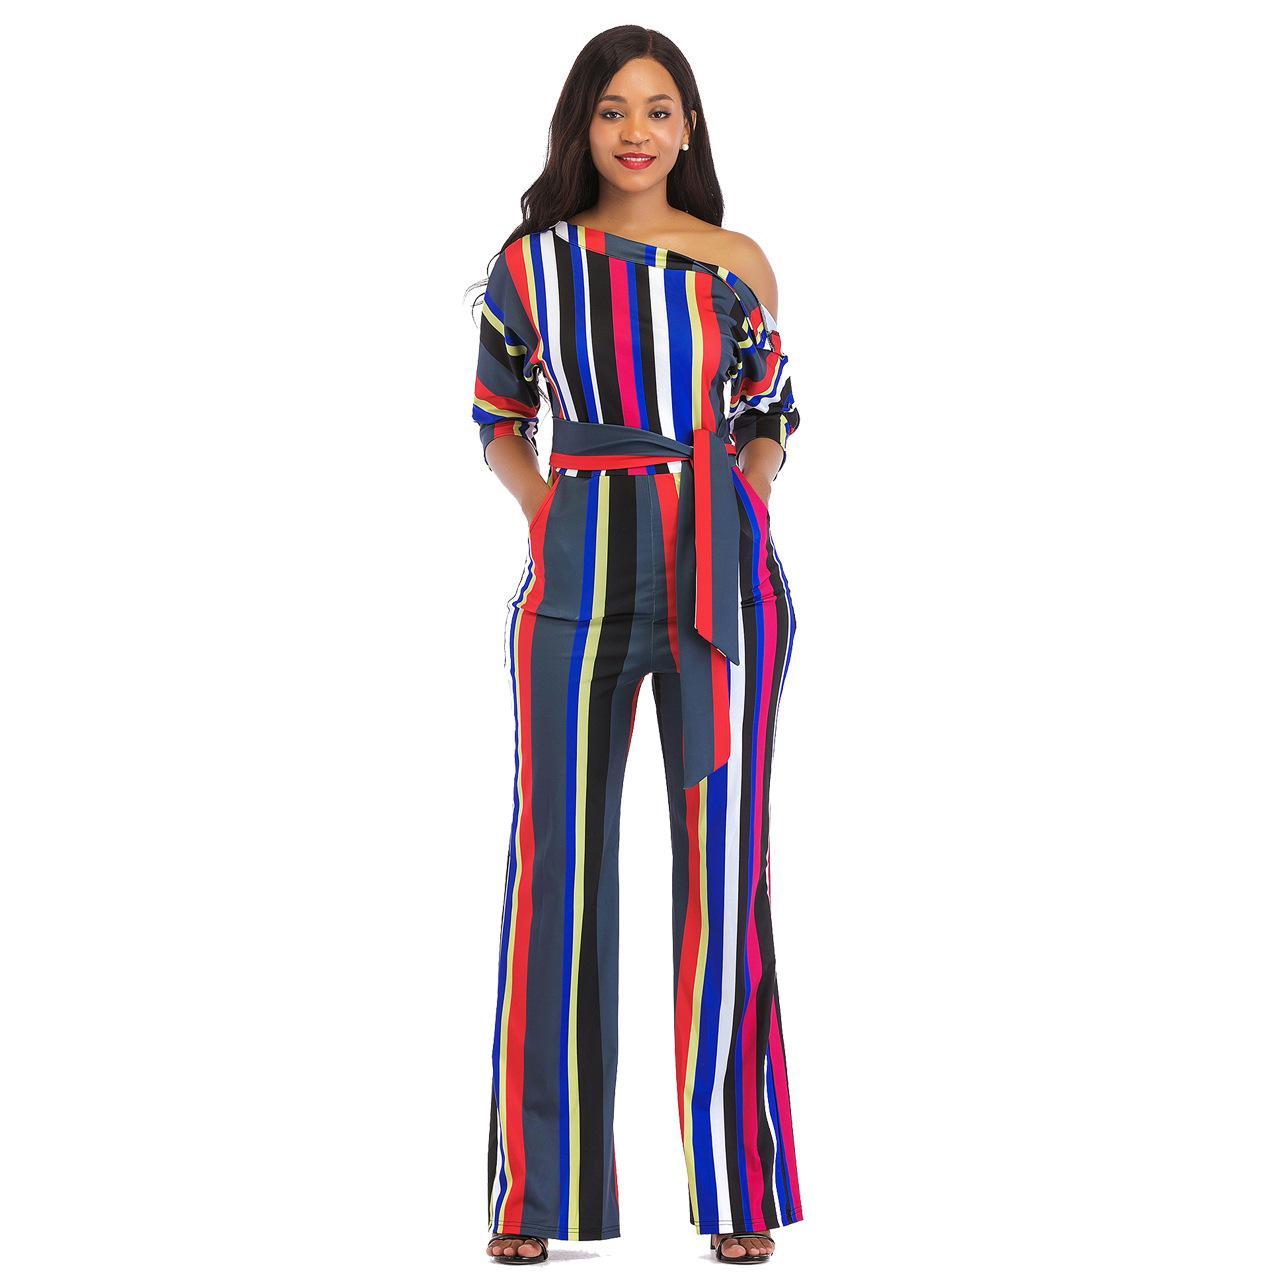 Acheter Couleur Rayure Impression Jumpsuit Pleine Longueur Une Épaule Mode  Barboteuse 5 Style Femme Combinaisons Minces De  39.2 Du Yushaoe  0bede869dbb